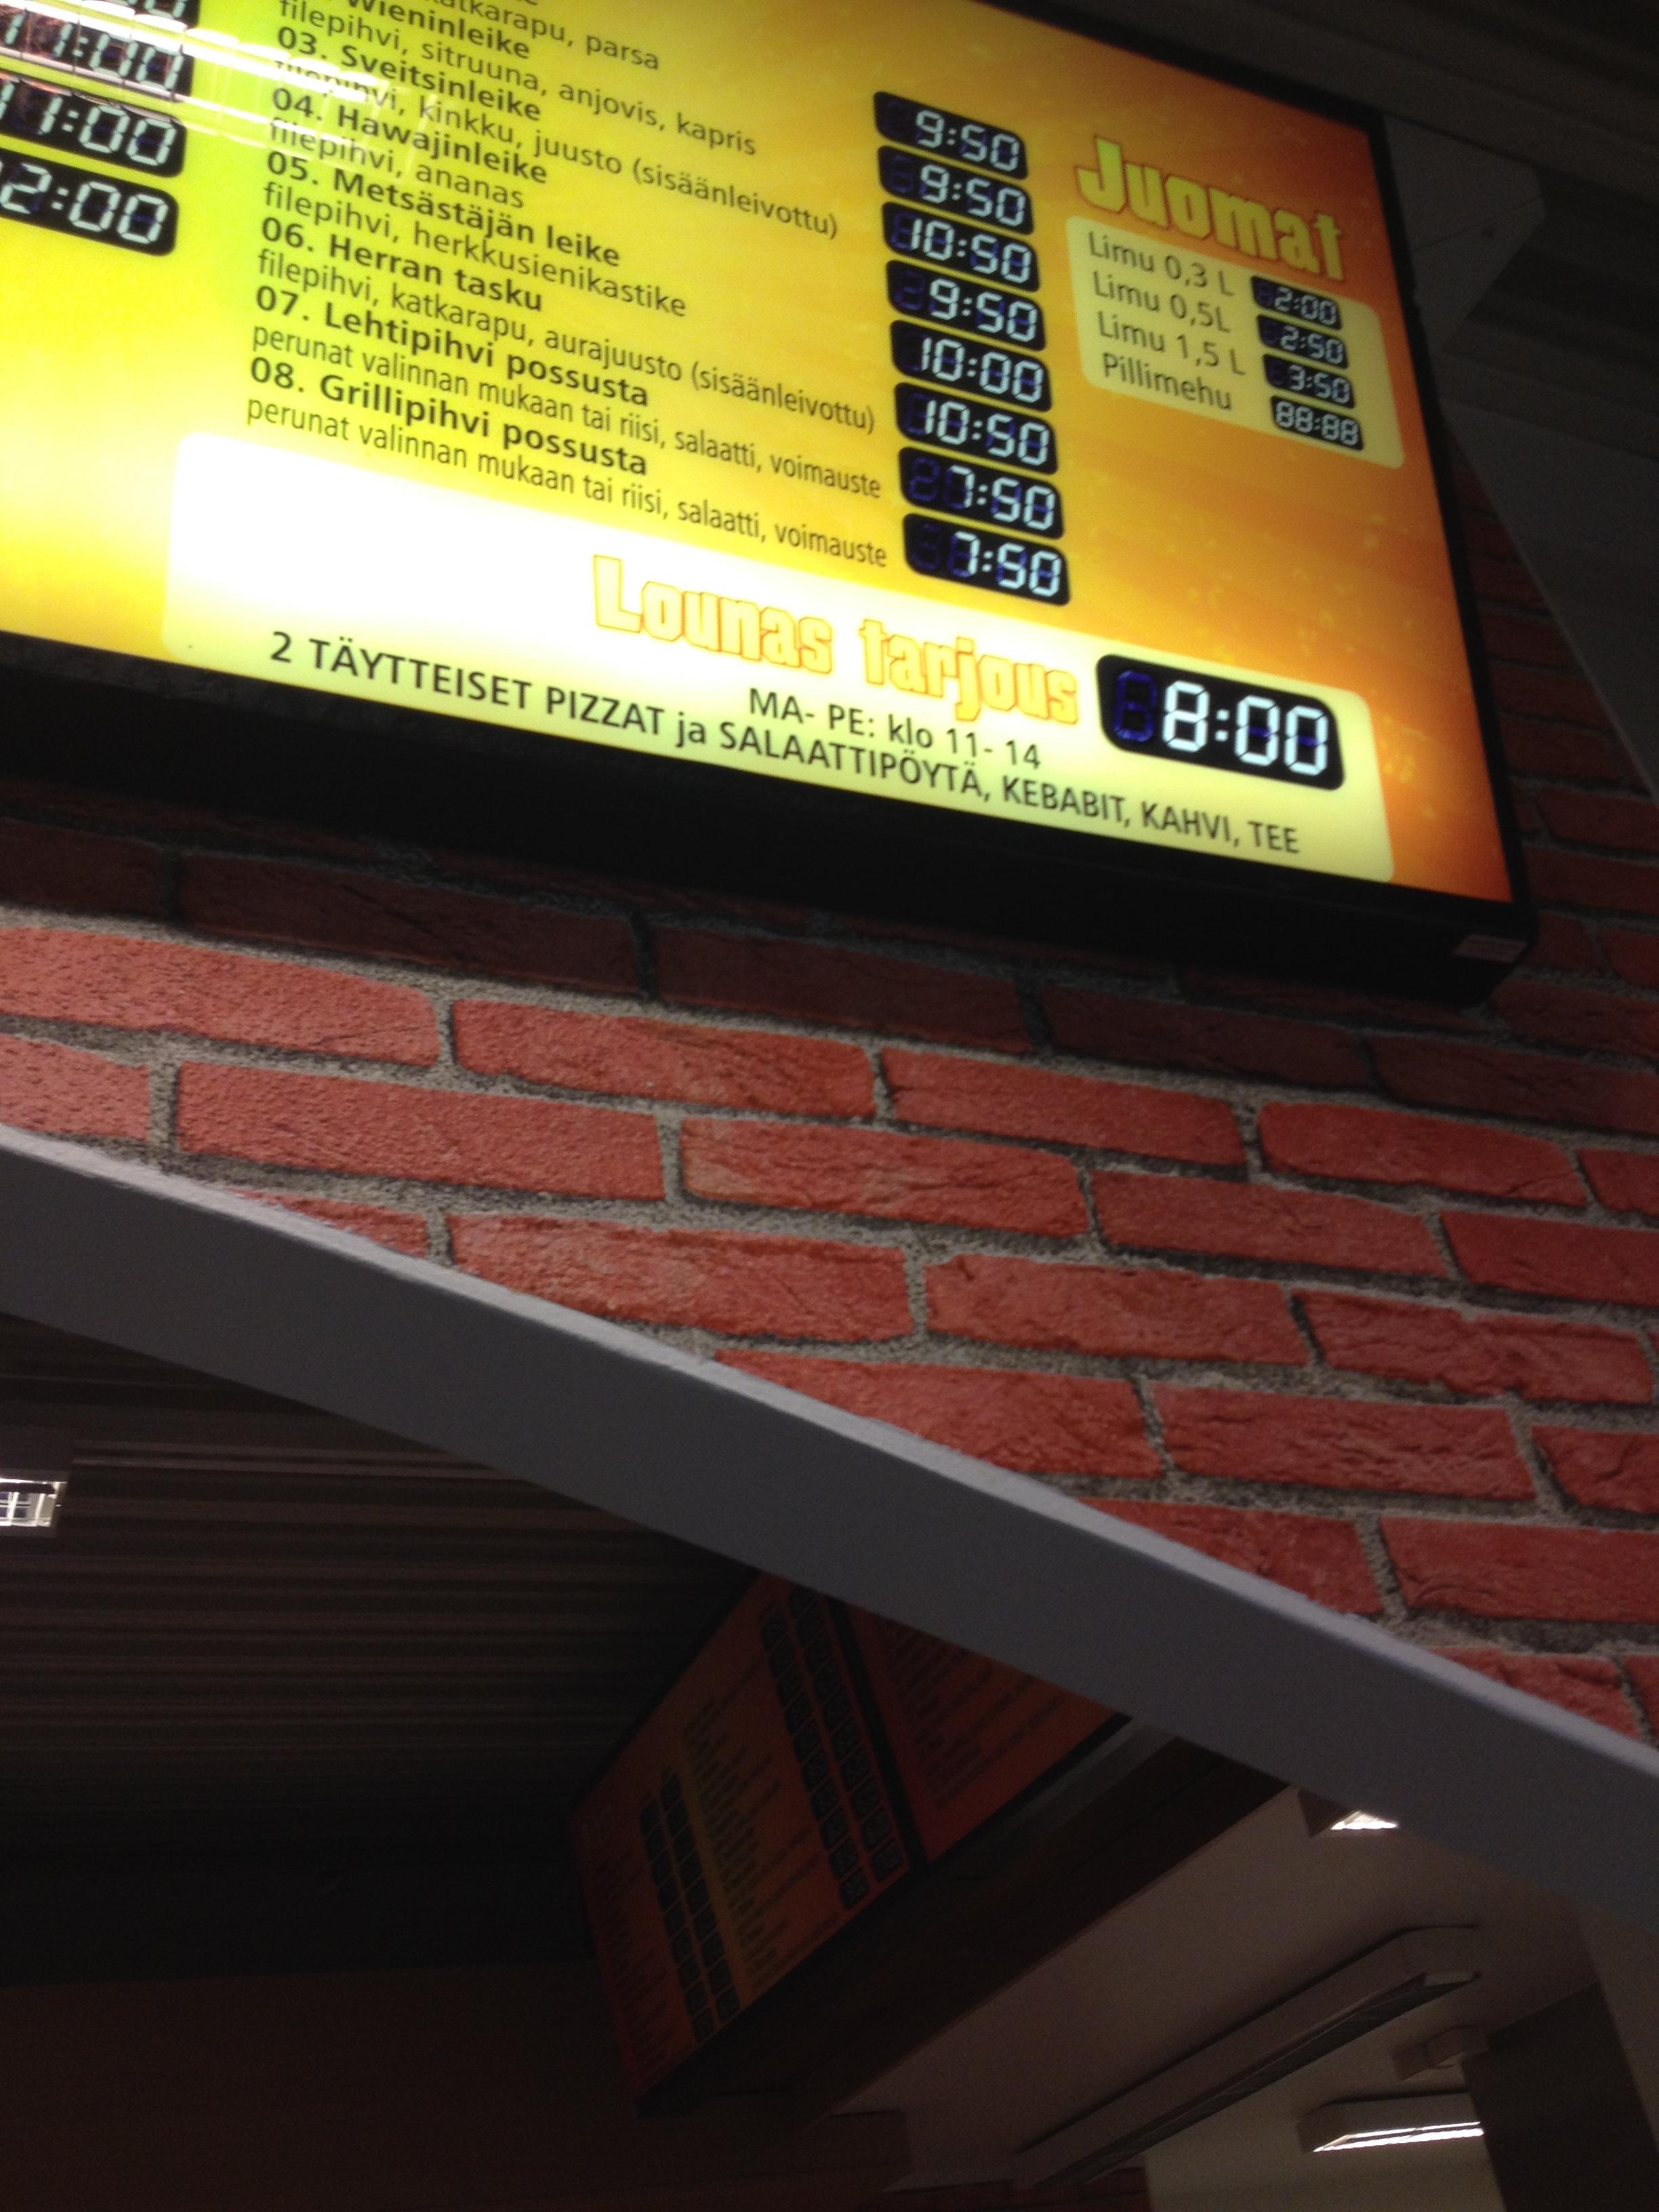 Lempäälän Pizza Kebab & Grilli, Lempäälä